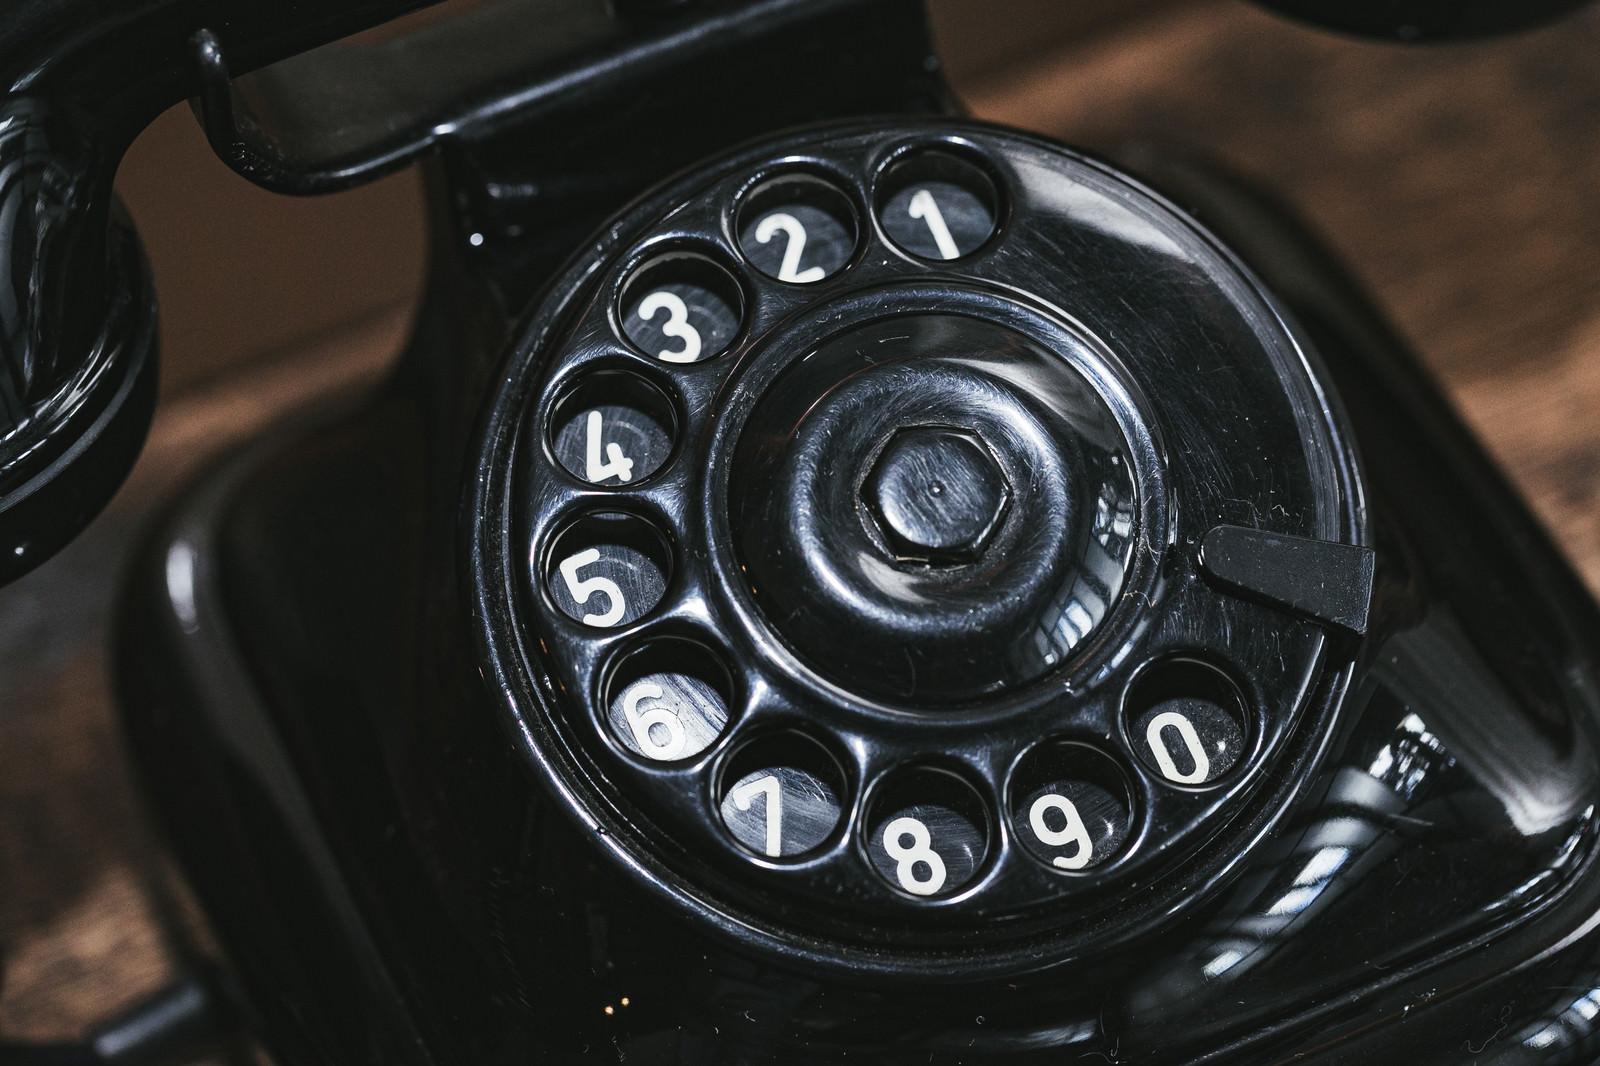 「黒電話のダイヤル」の写真